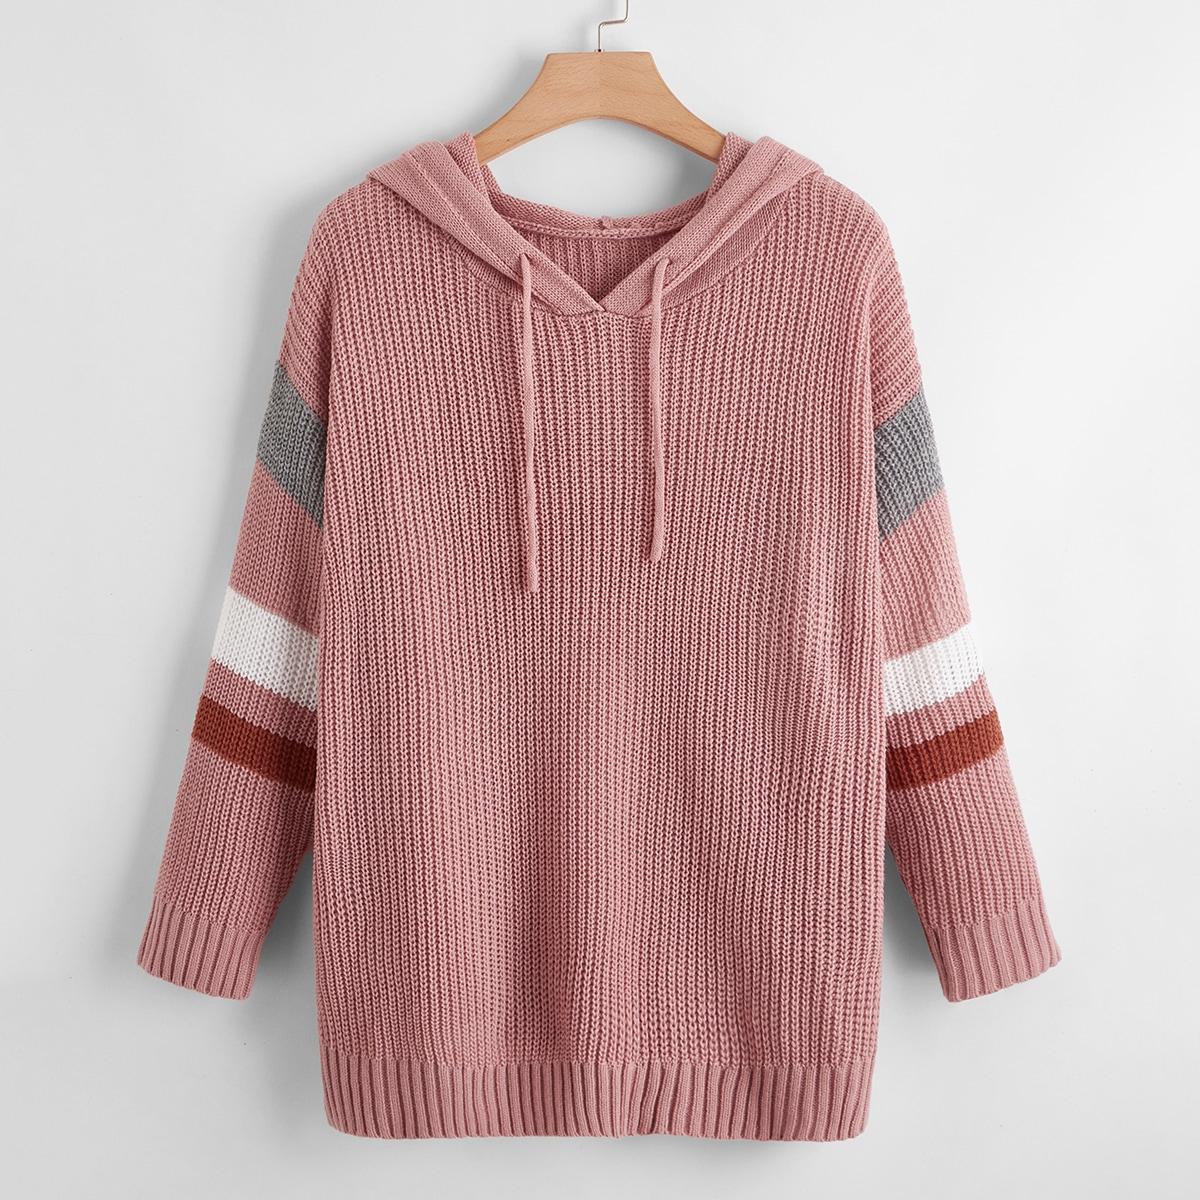 Контрастный свитер с капюшоном размера плюс